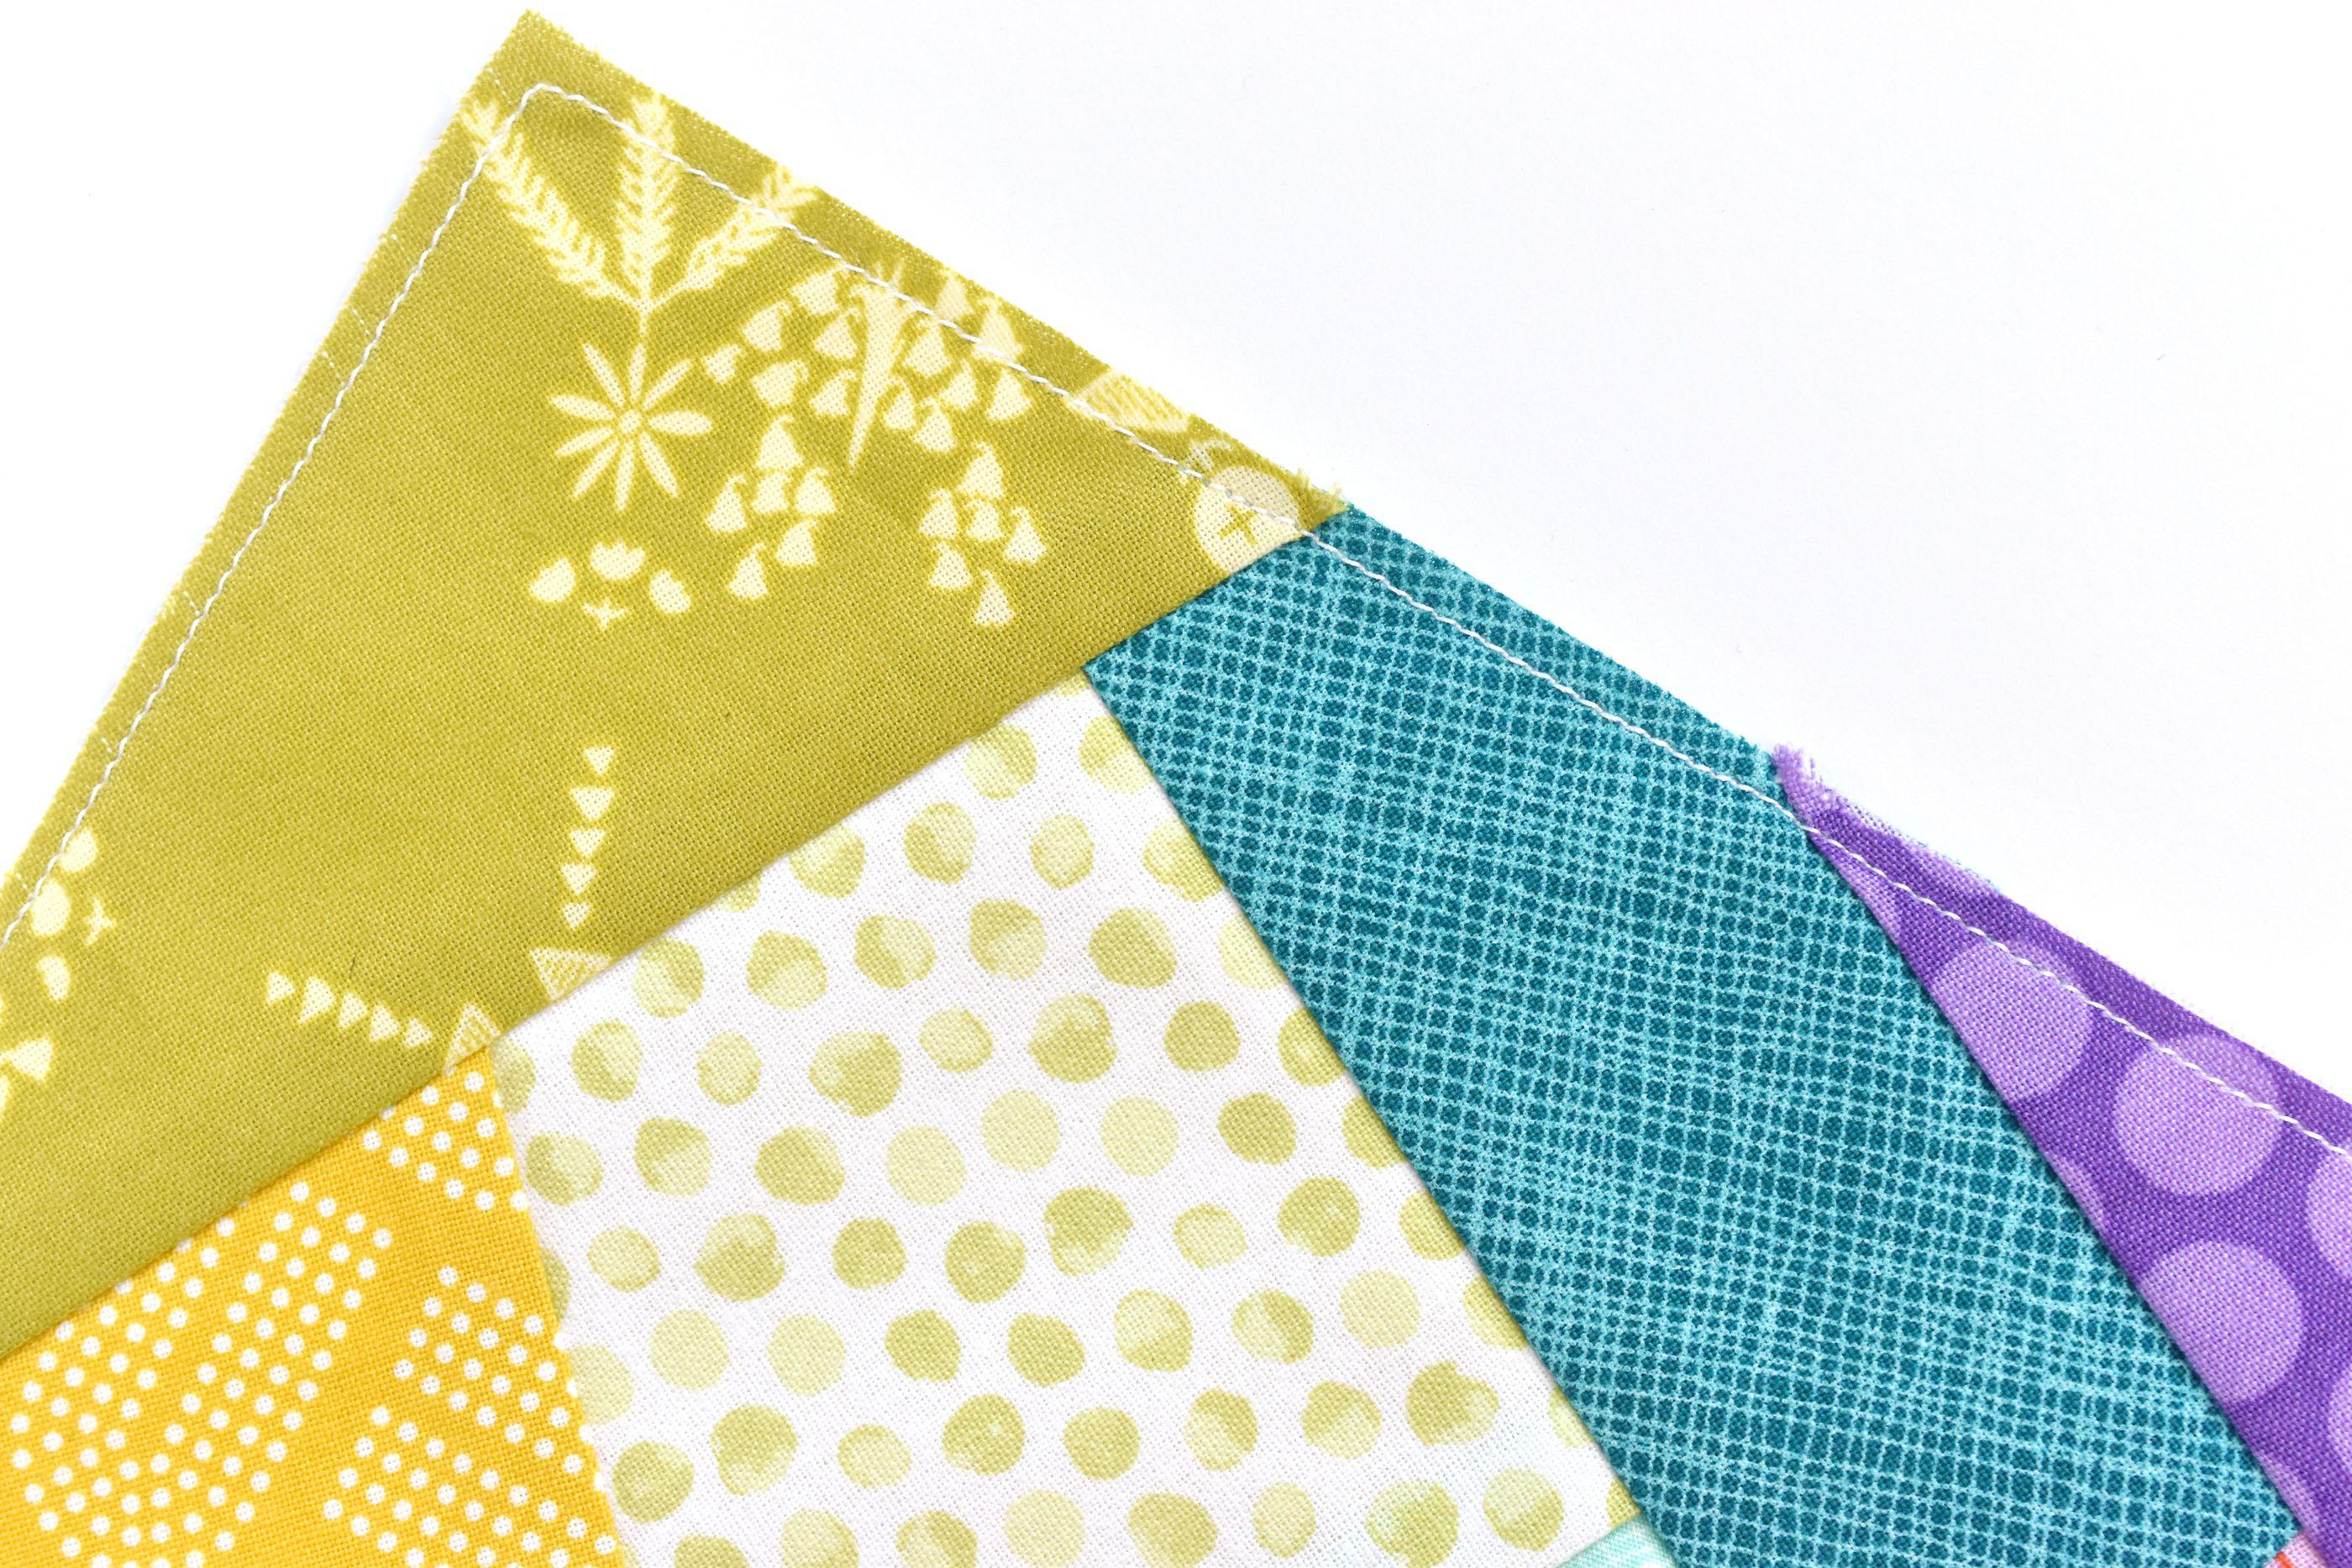 Modern Crazy Quilt Pattern Tutorial